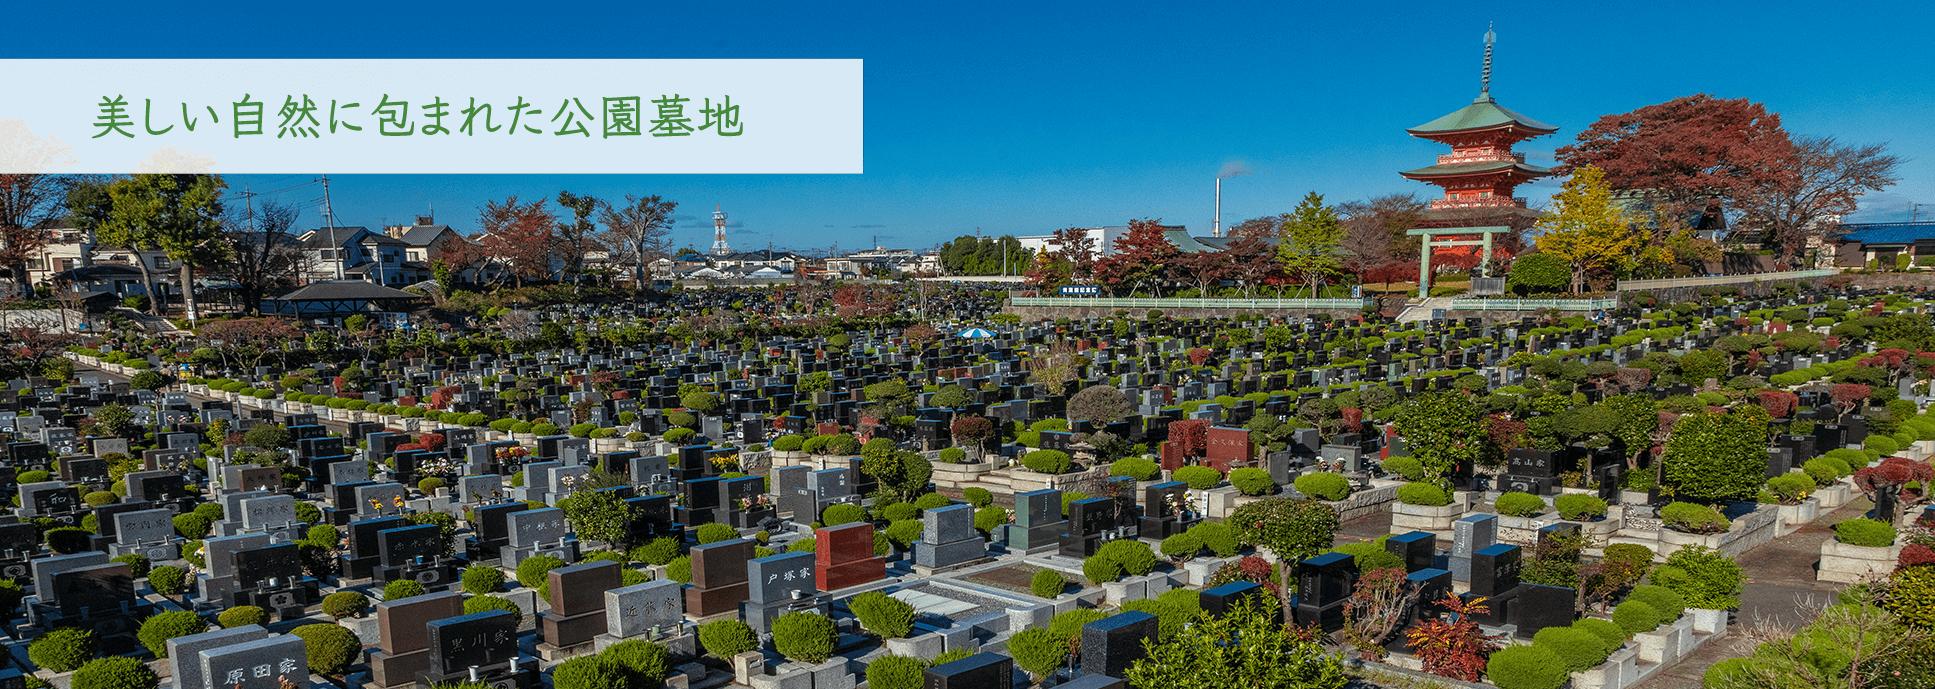 美しい自然に包まれた公園墓地